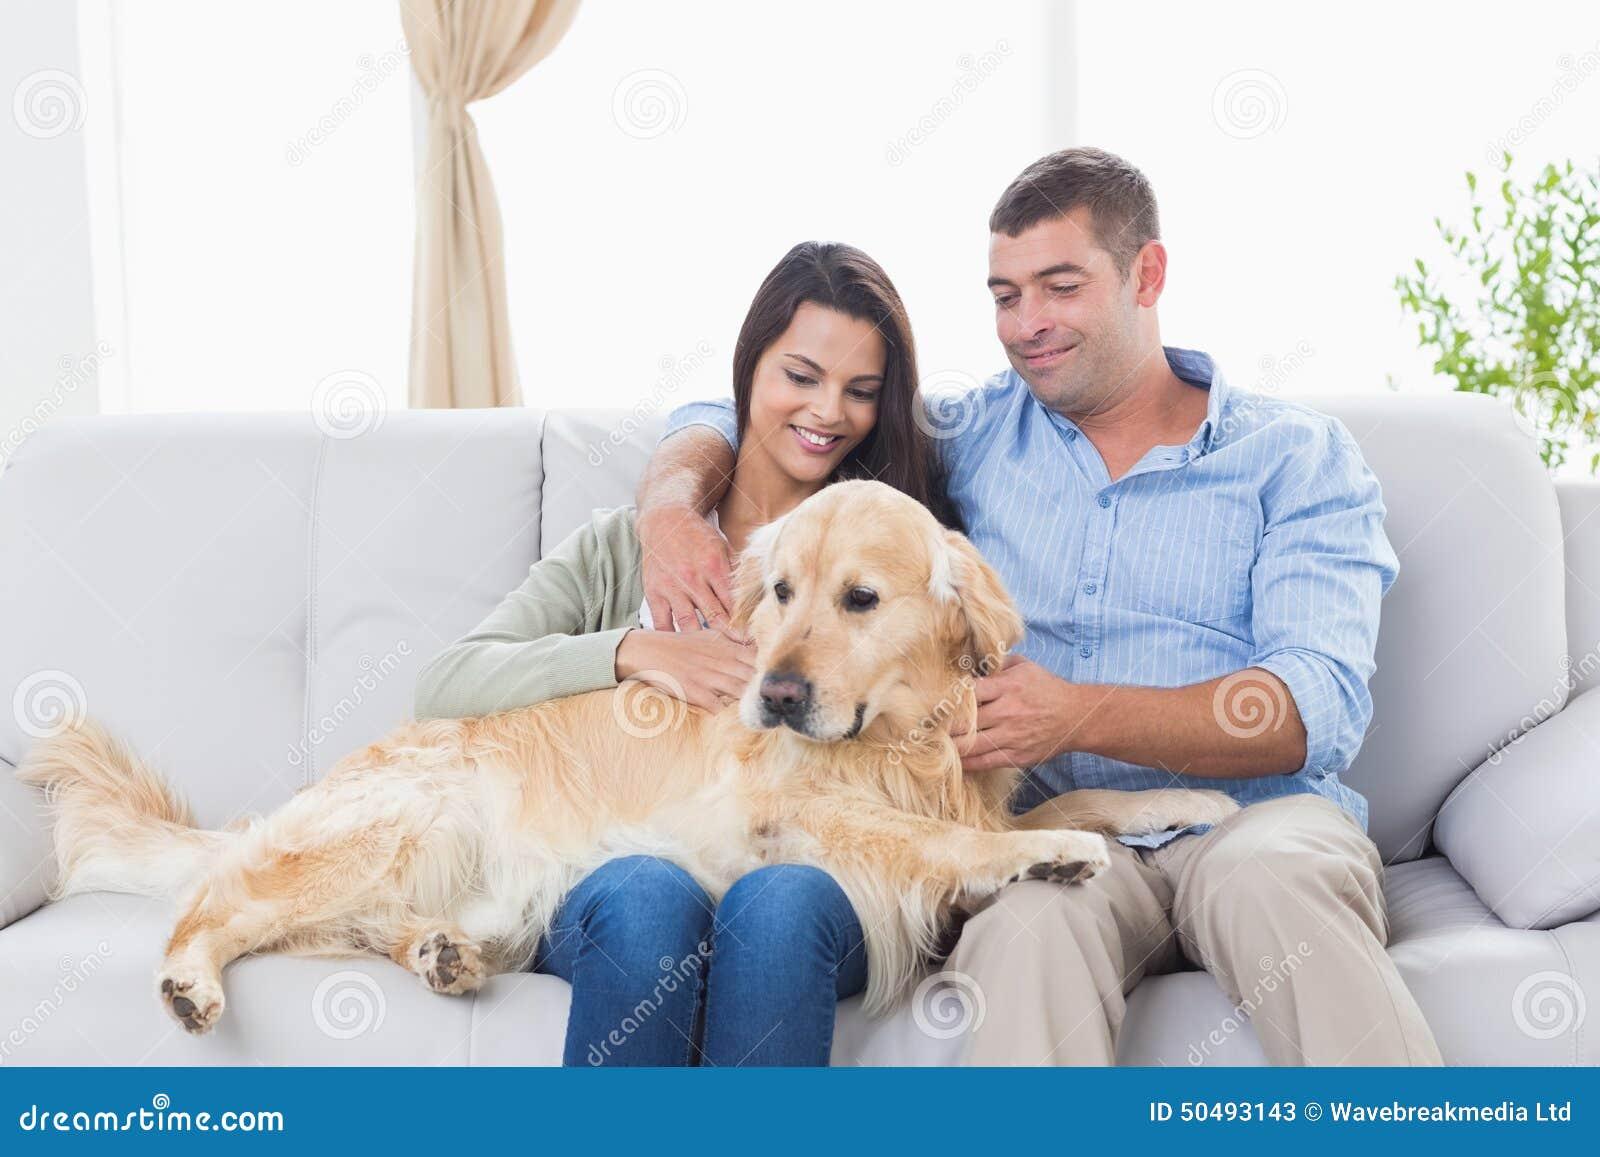 Couple Stroking Dog While Sitting On Sofa Stock Image Image Of